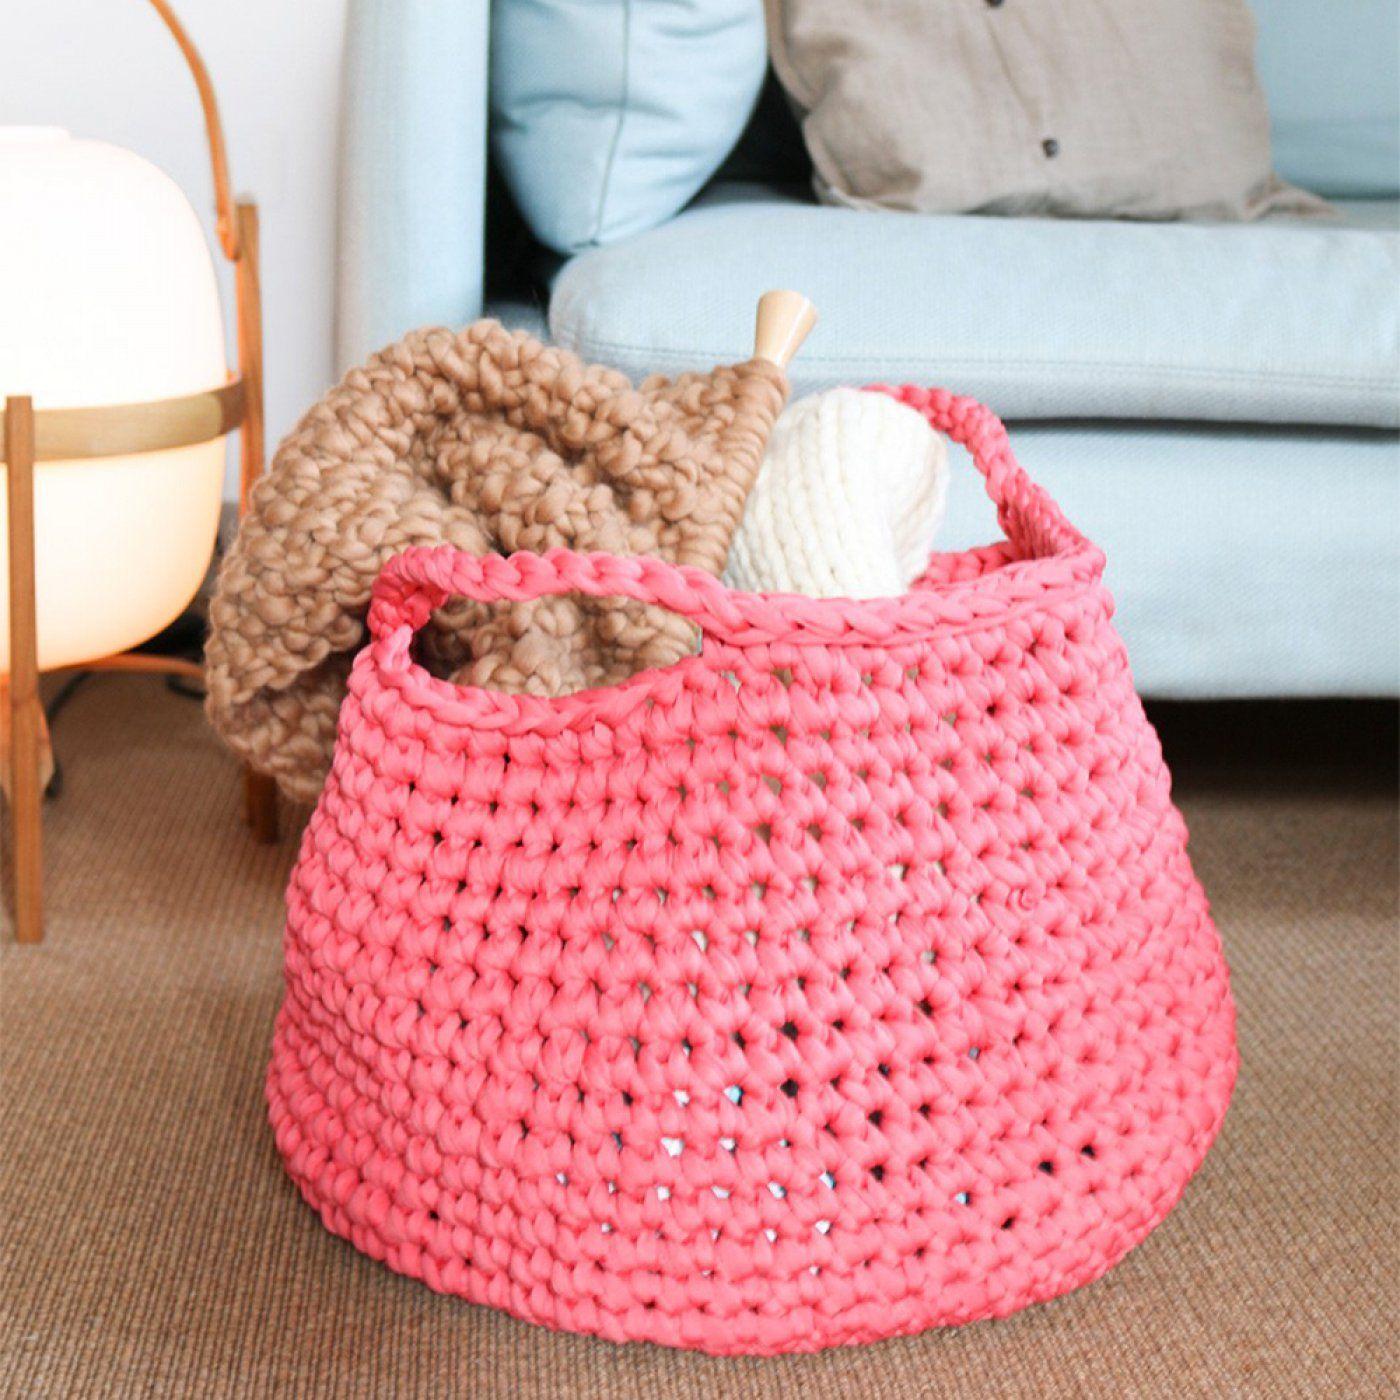 10 cr ations qui donnent envie de se mettre au crochet. Black Bedroom Furniture Sets. Home Design Ideas